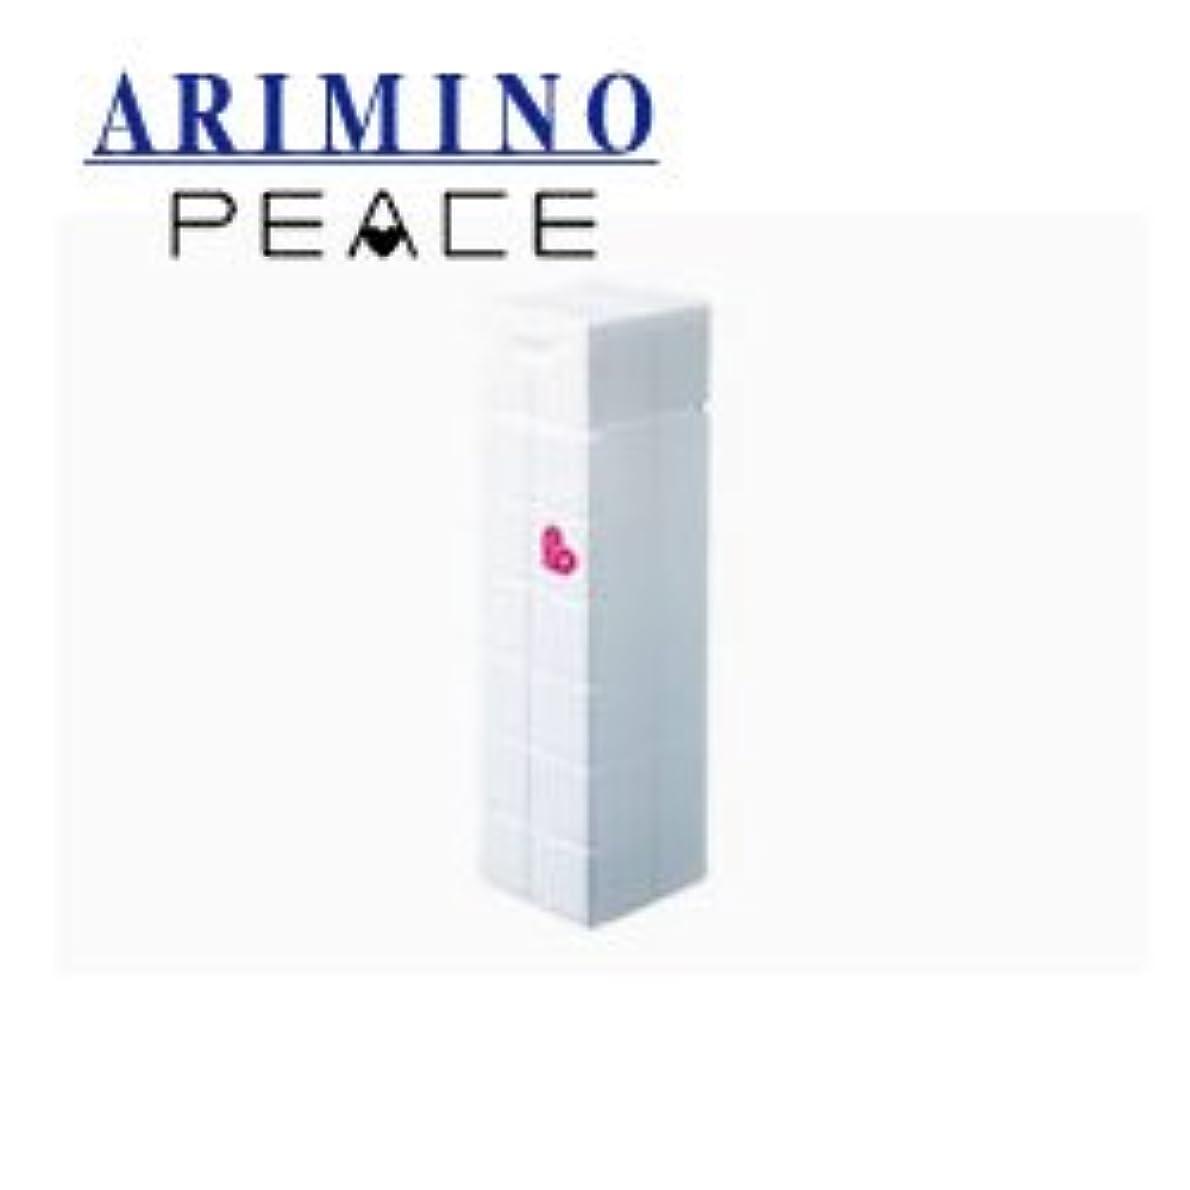 パイロット志す時代アリミノ ピース グロスmilk ホワイト 200ml